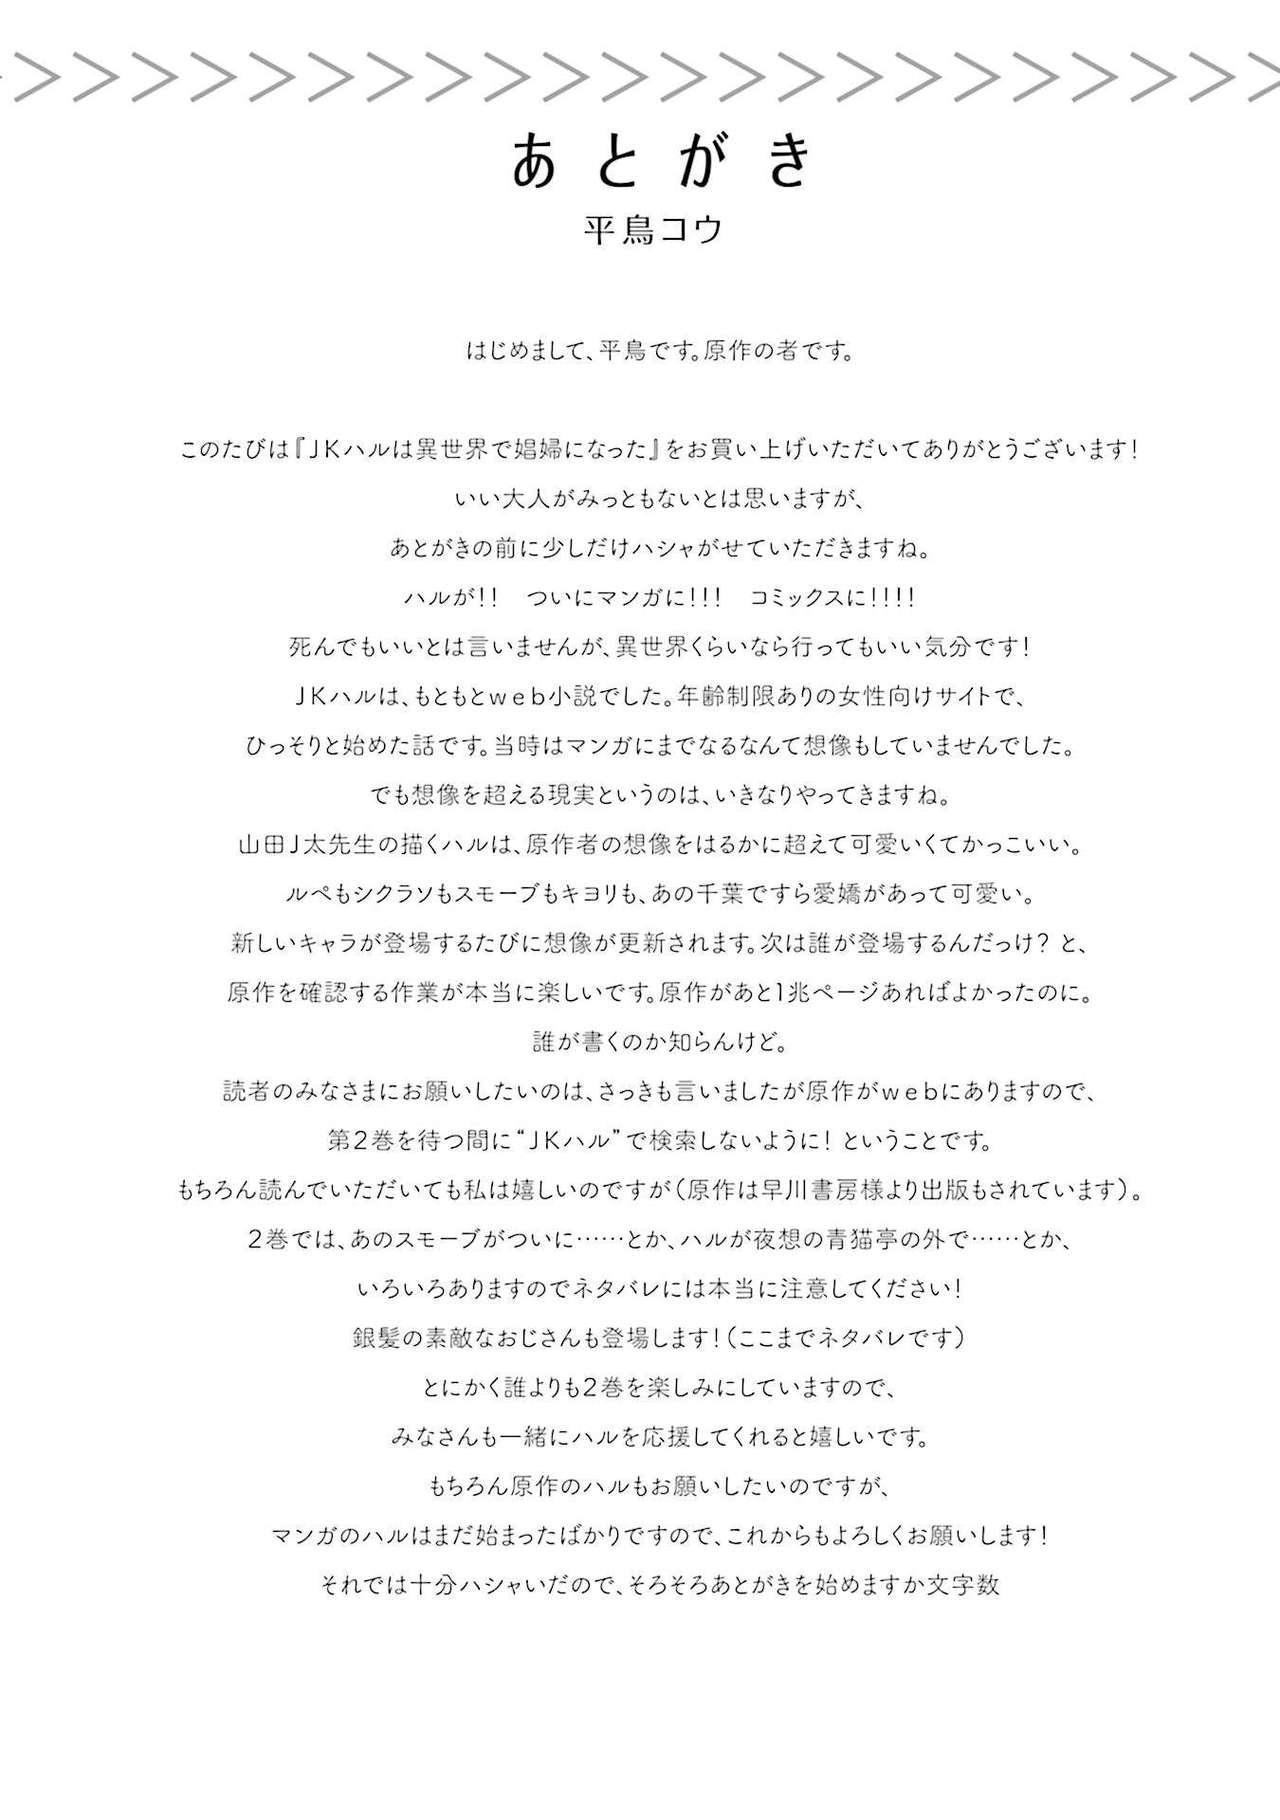 JK Haru wa Isekai de Shoufu ni Natta 1-14 173